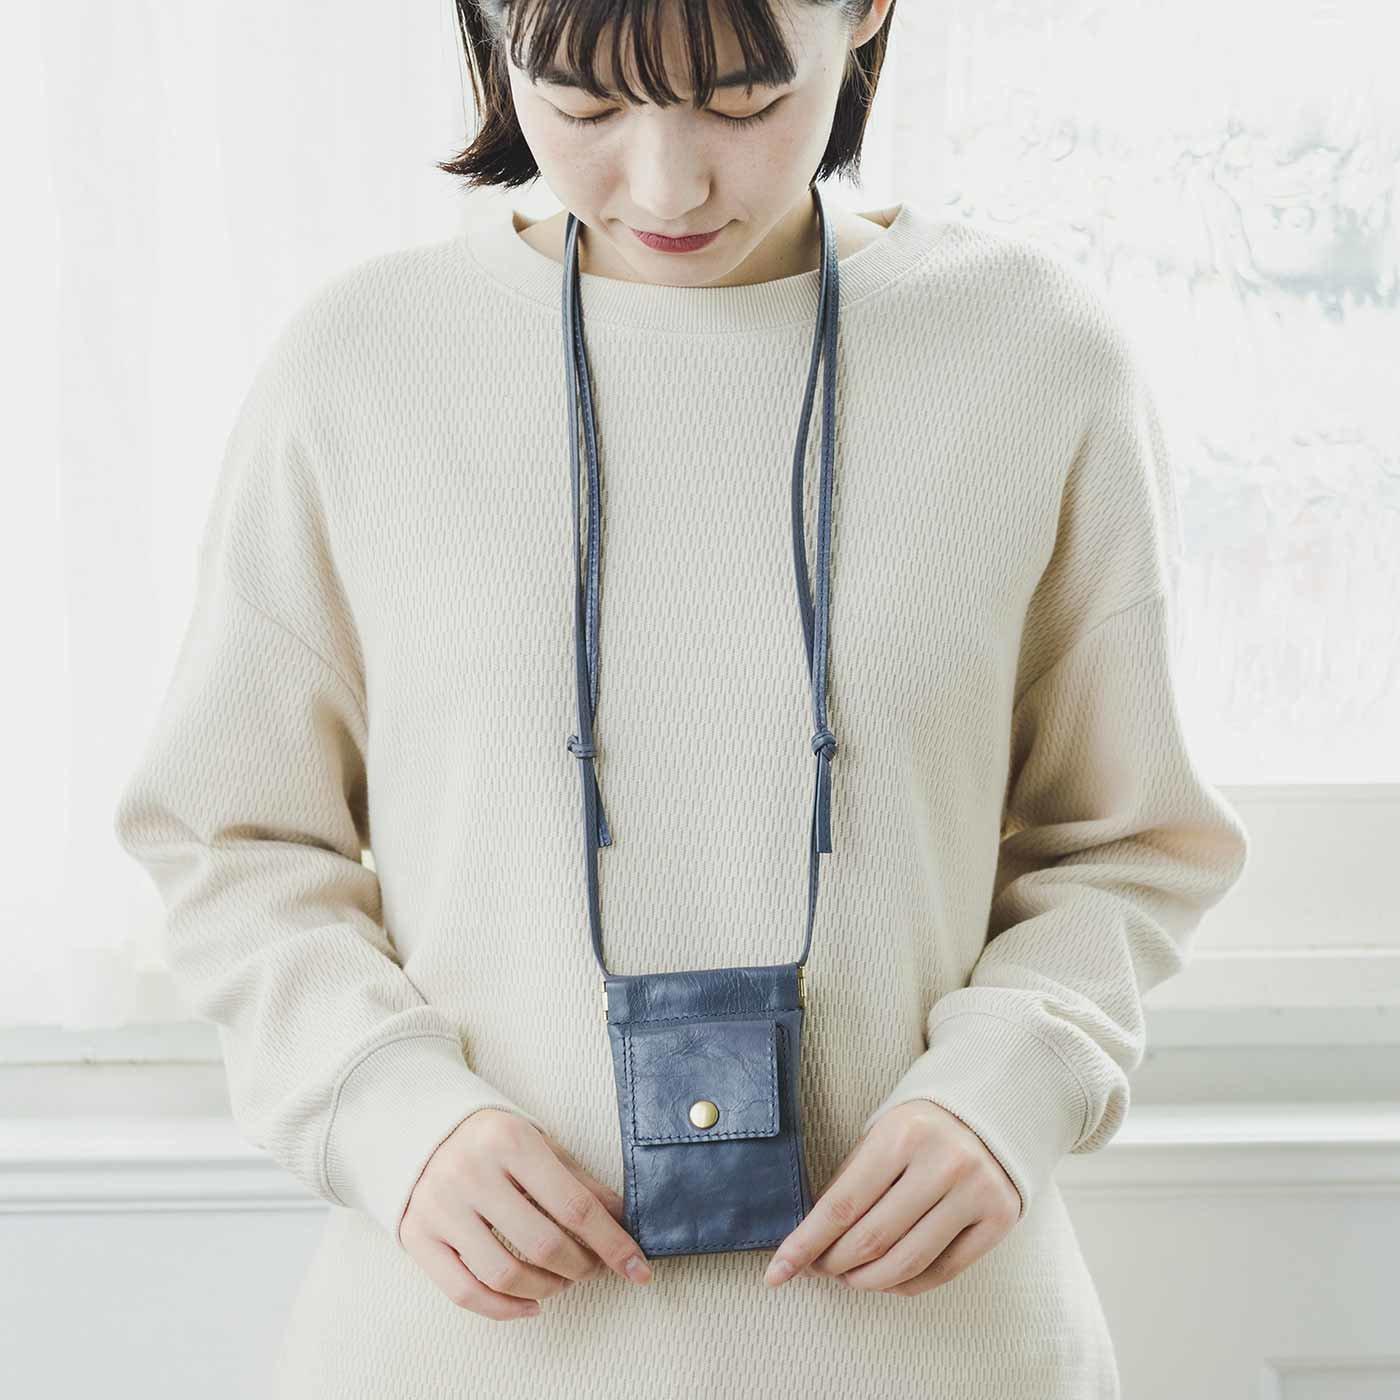 福岡の鞄作家と作った 職人本革のライブパスケース〈グレー〉[本革 ポーチ:日本製]